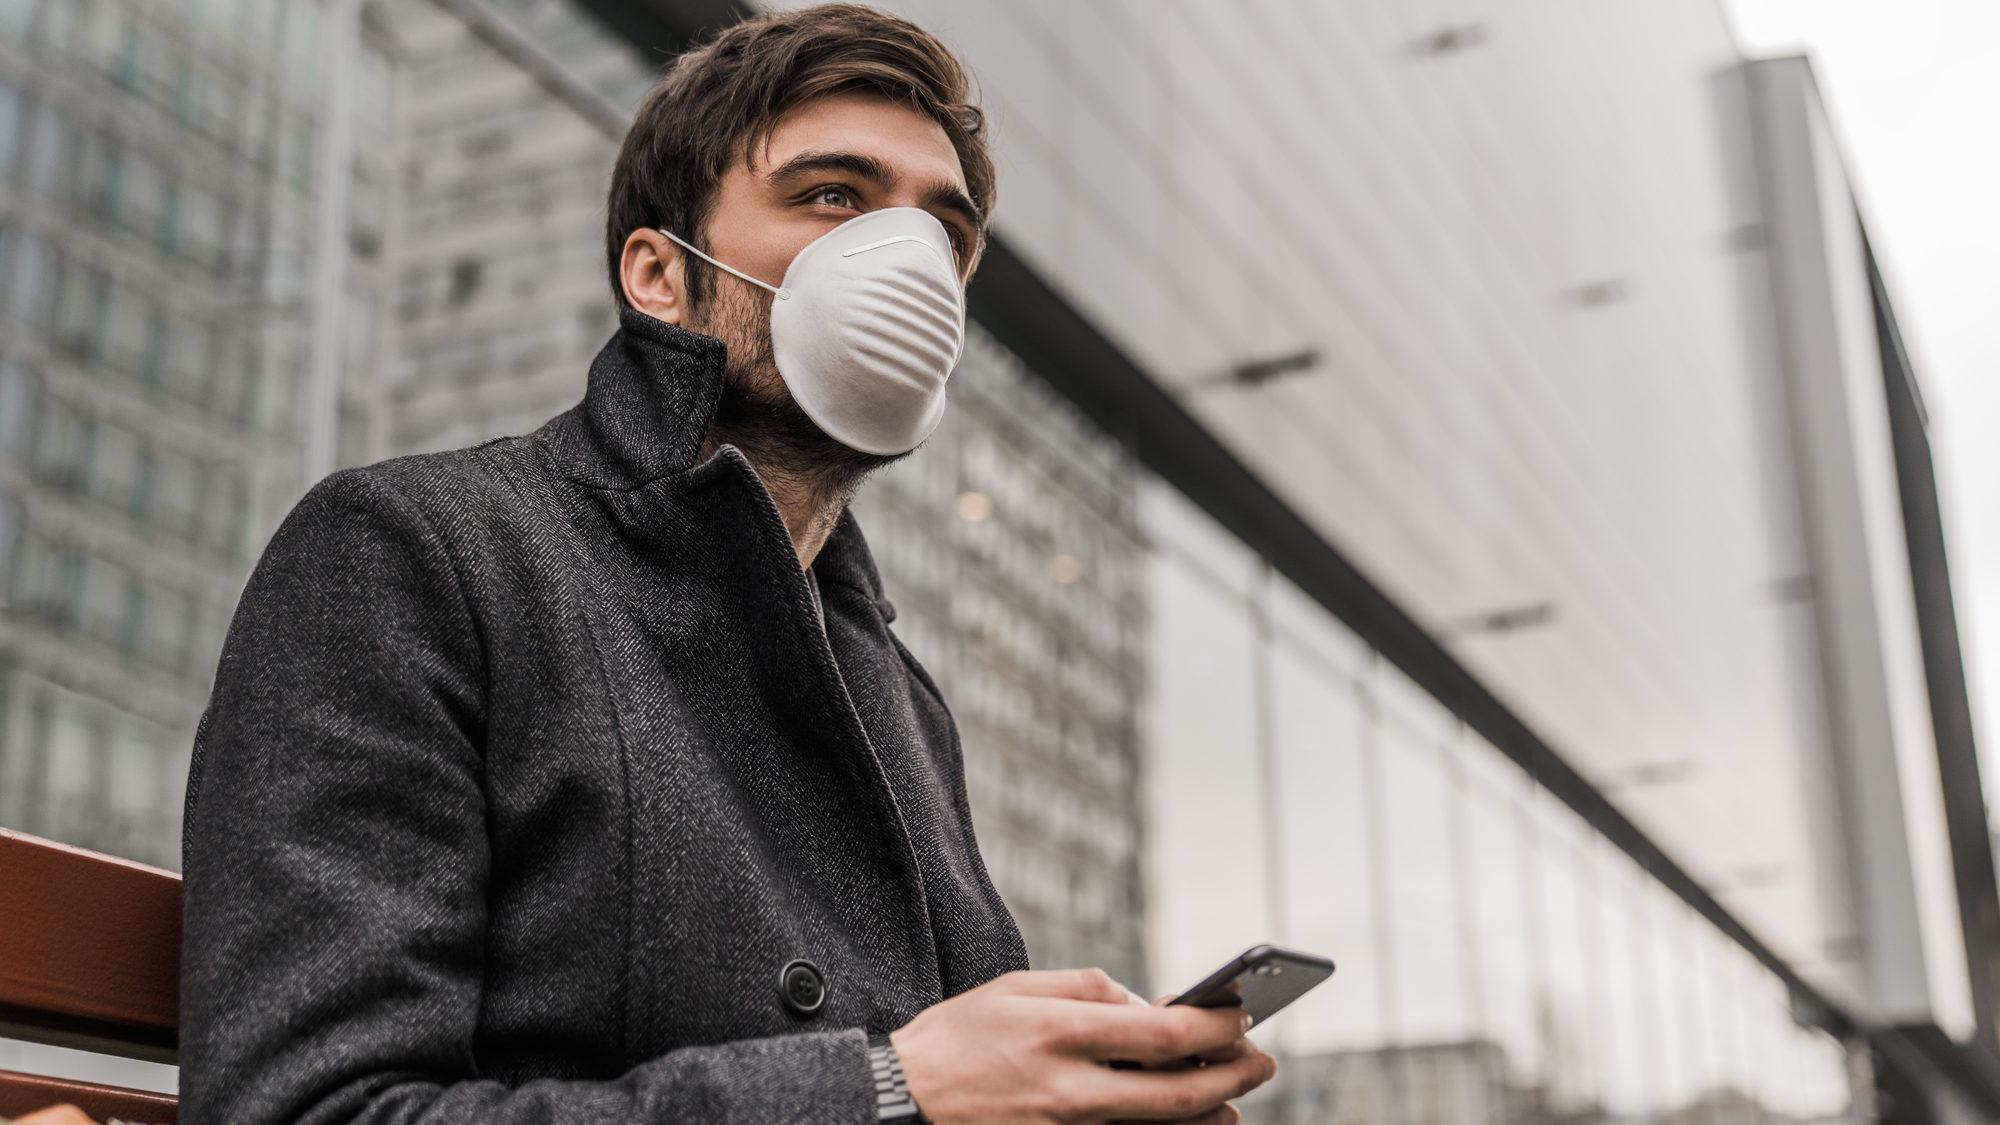 Рівень захворюваності росте: за добу в Україні 5 336 випадків коронавірусу